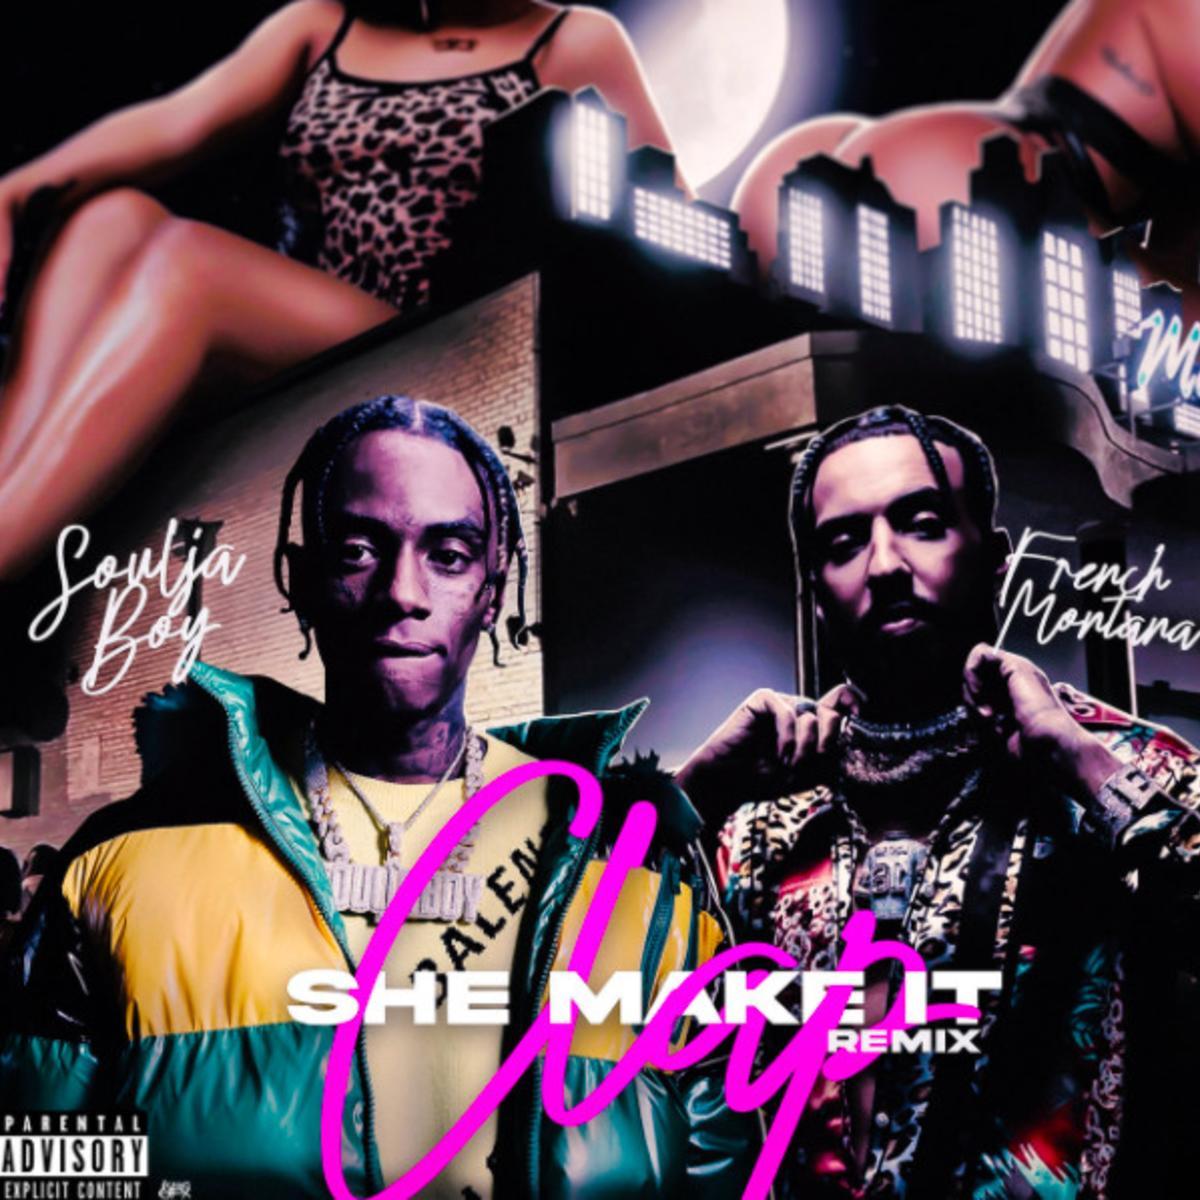 DOWNLOAD MP3 Soulja Boy - She Make It Clap (Remix) Ft. French Montana